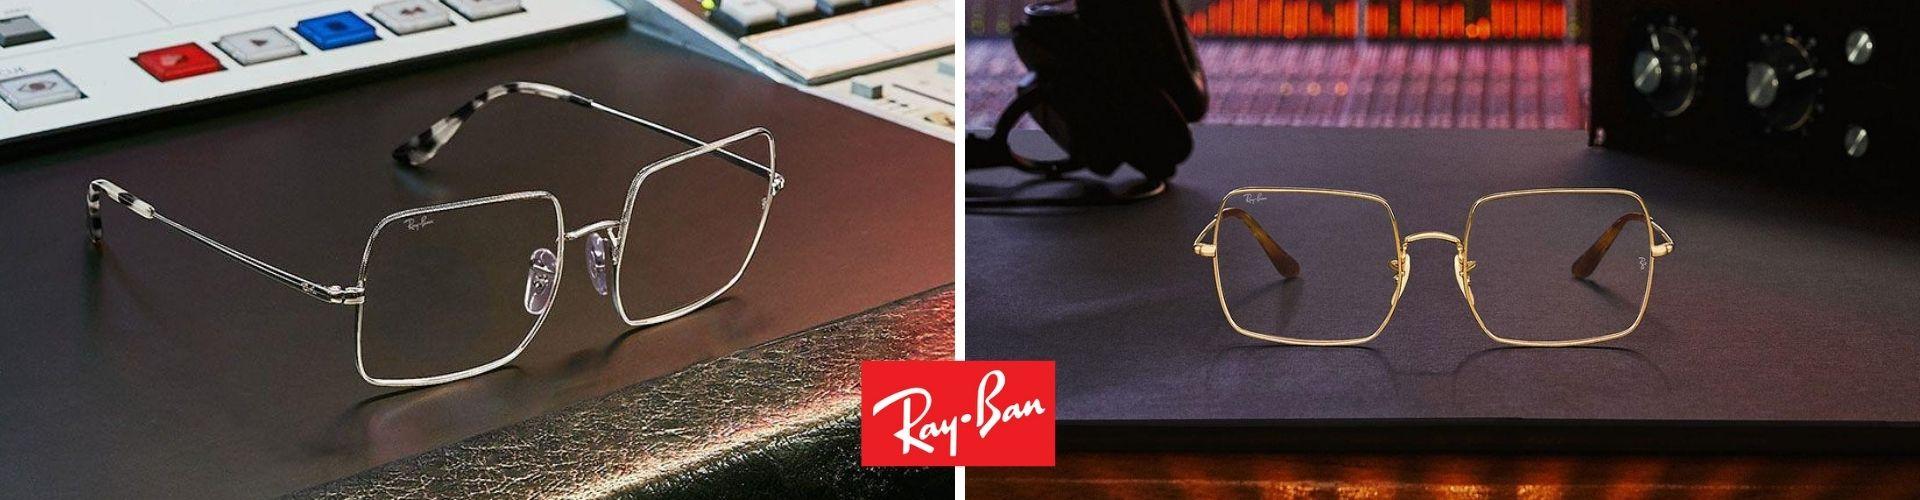 Óculos de Sol Ray Ban  1920 x 500